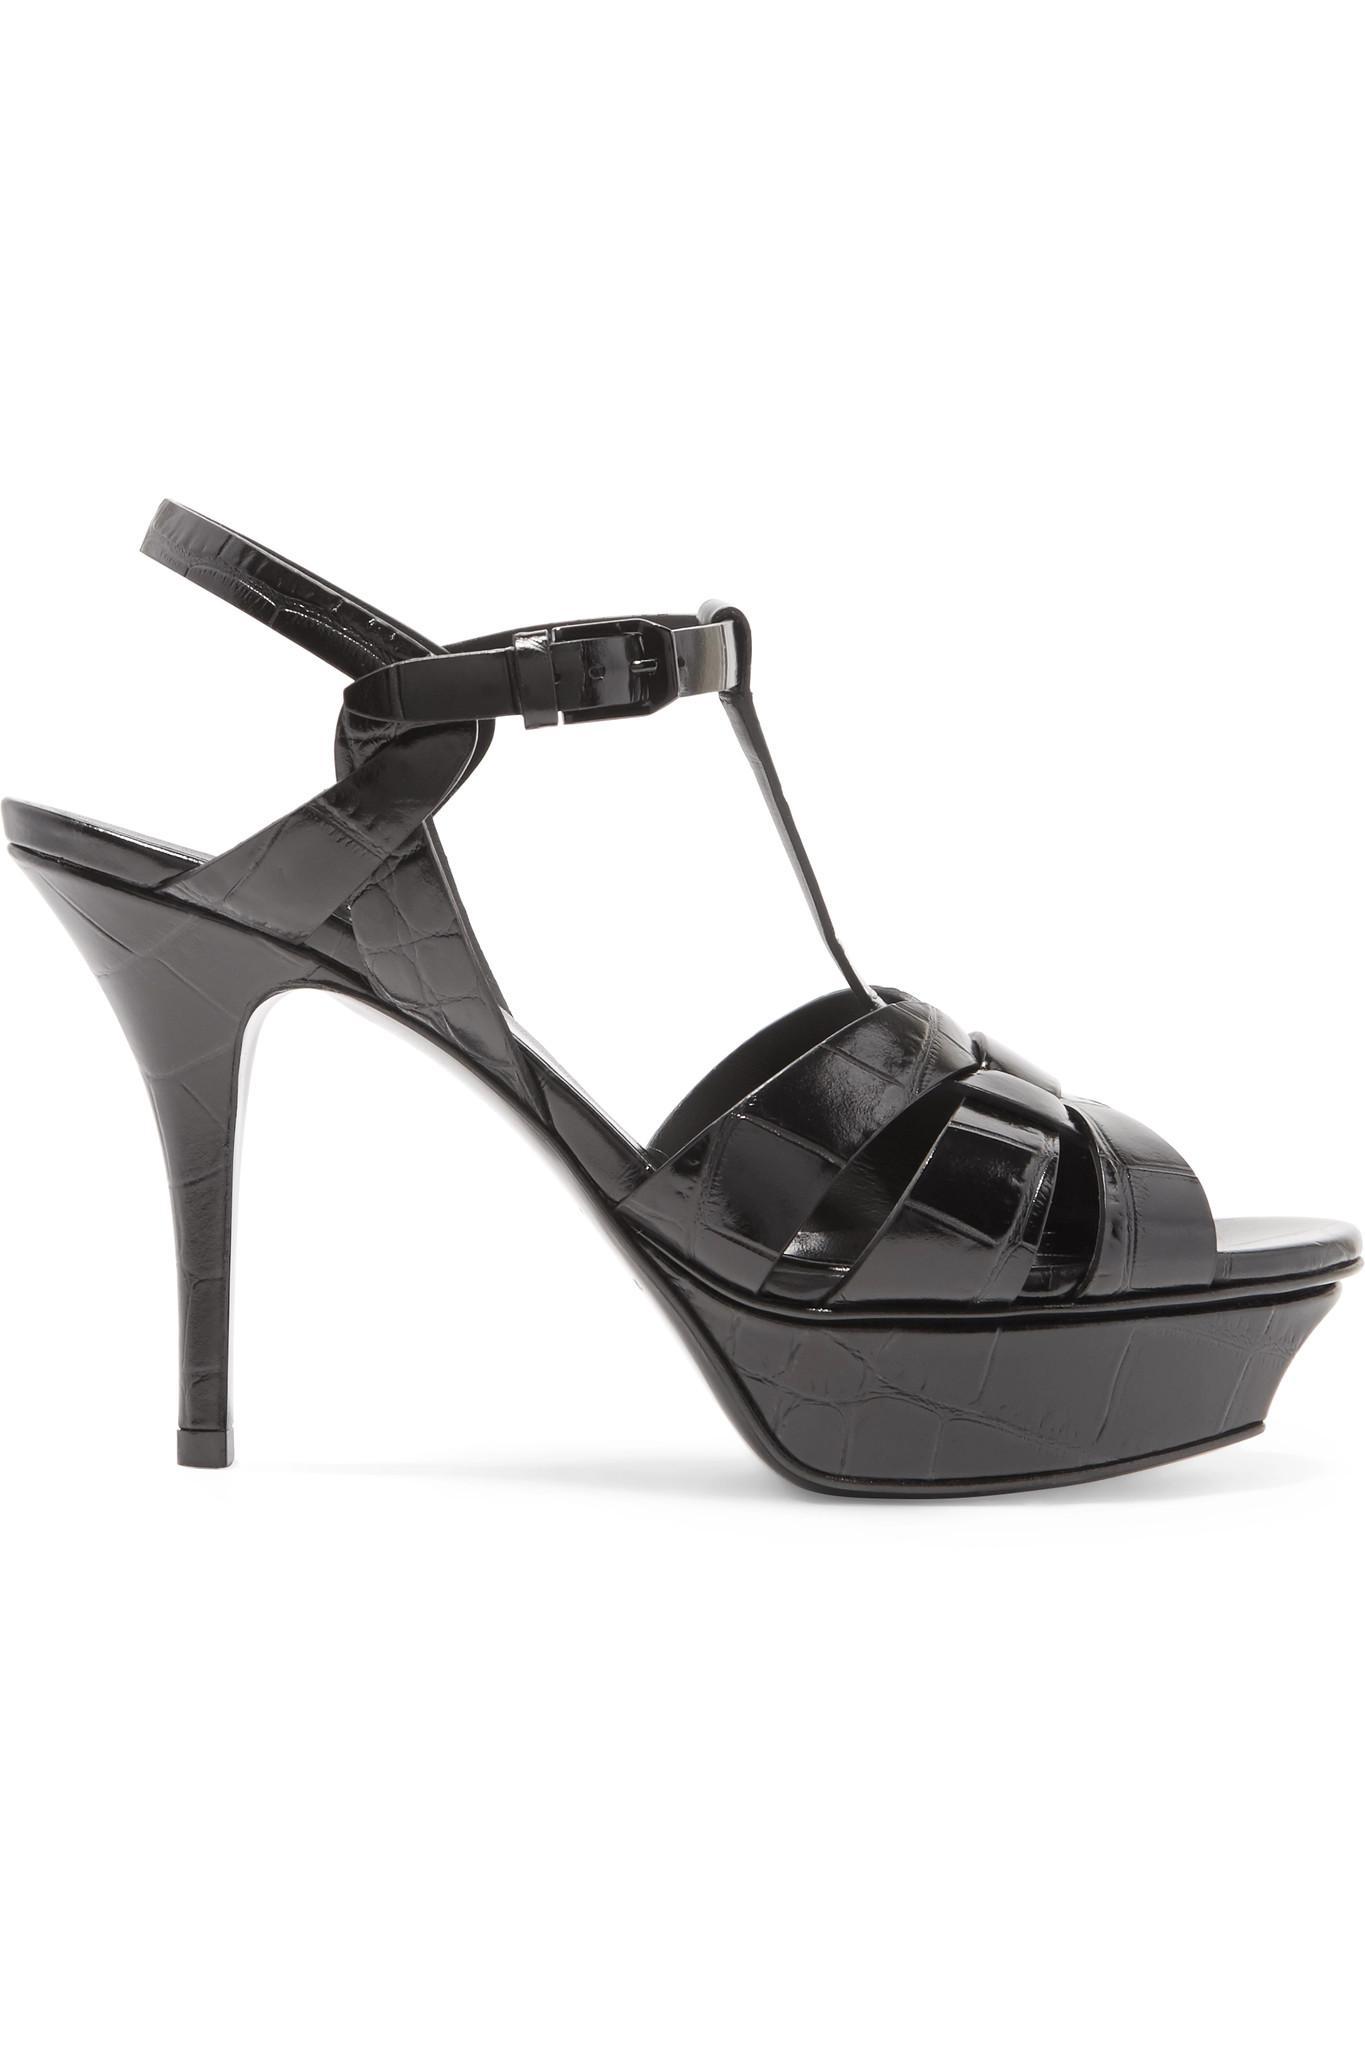 Tribute Croc-effect Leather Platform Sandals - Black Saint Laurent 0Ec29IK